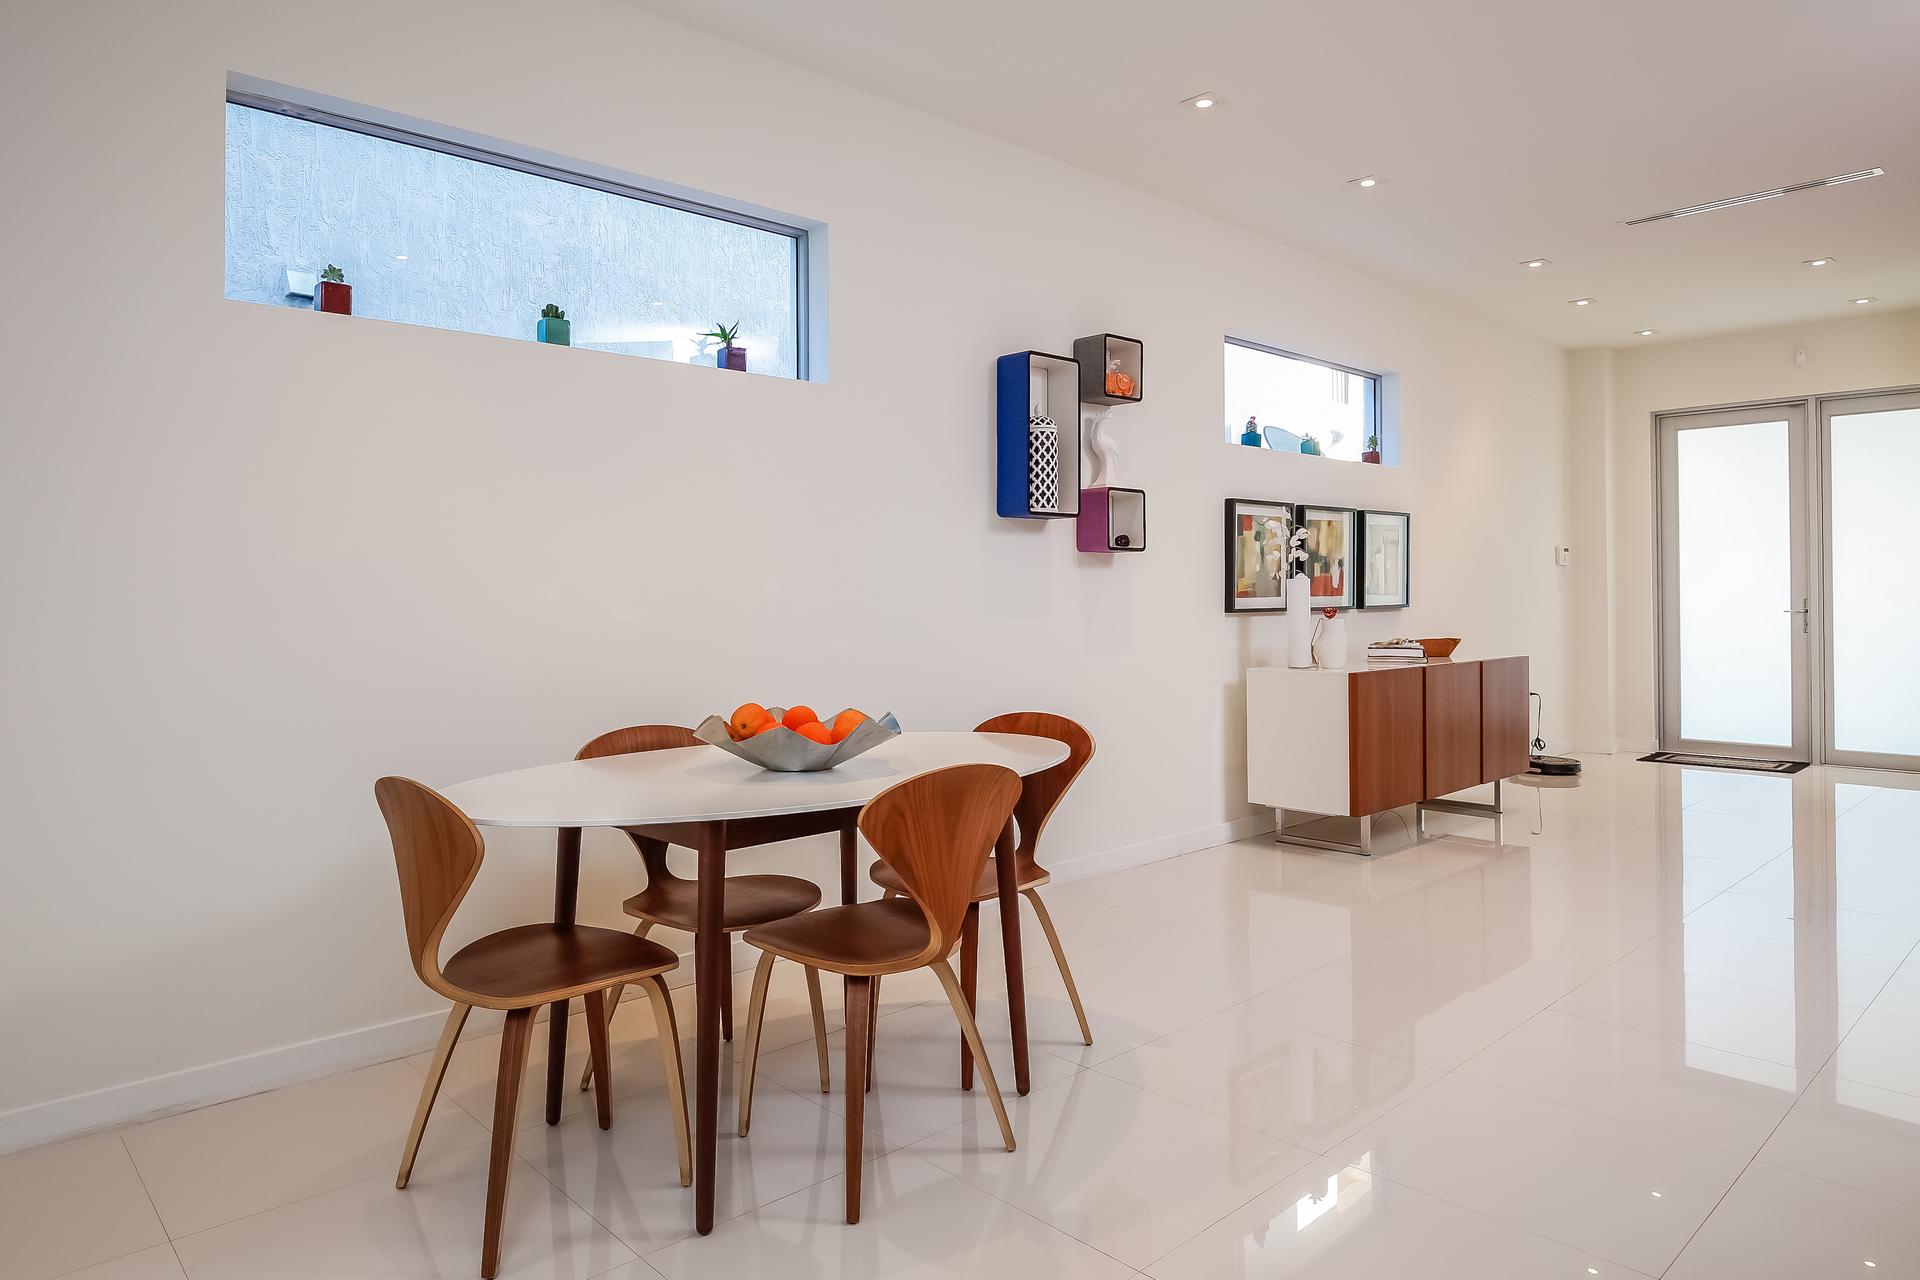 013-Dining_Room-5037887-medium